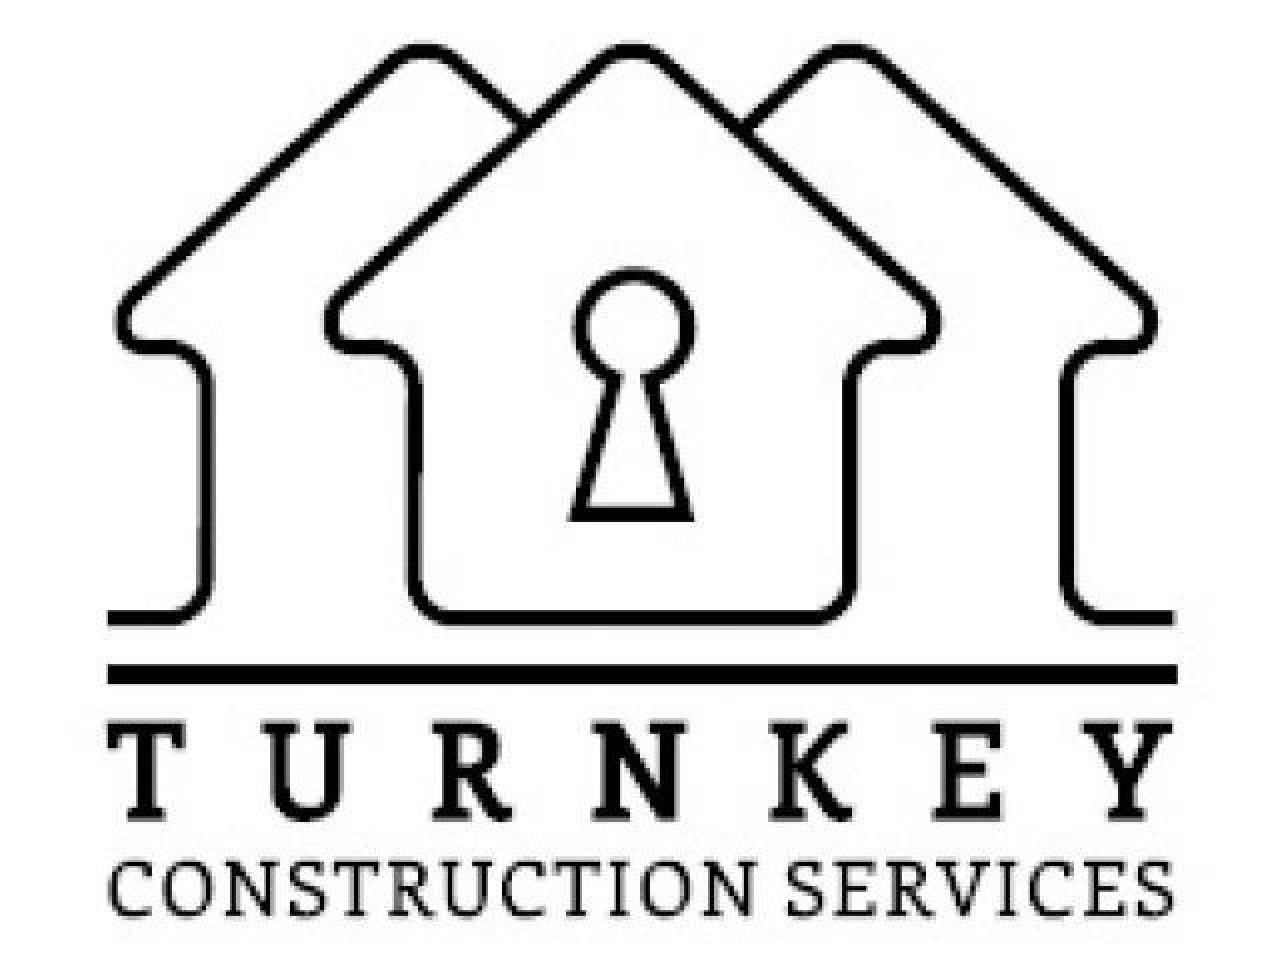 Строительная Компания Turnkey Construction Services Ltd - 3